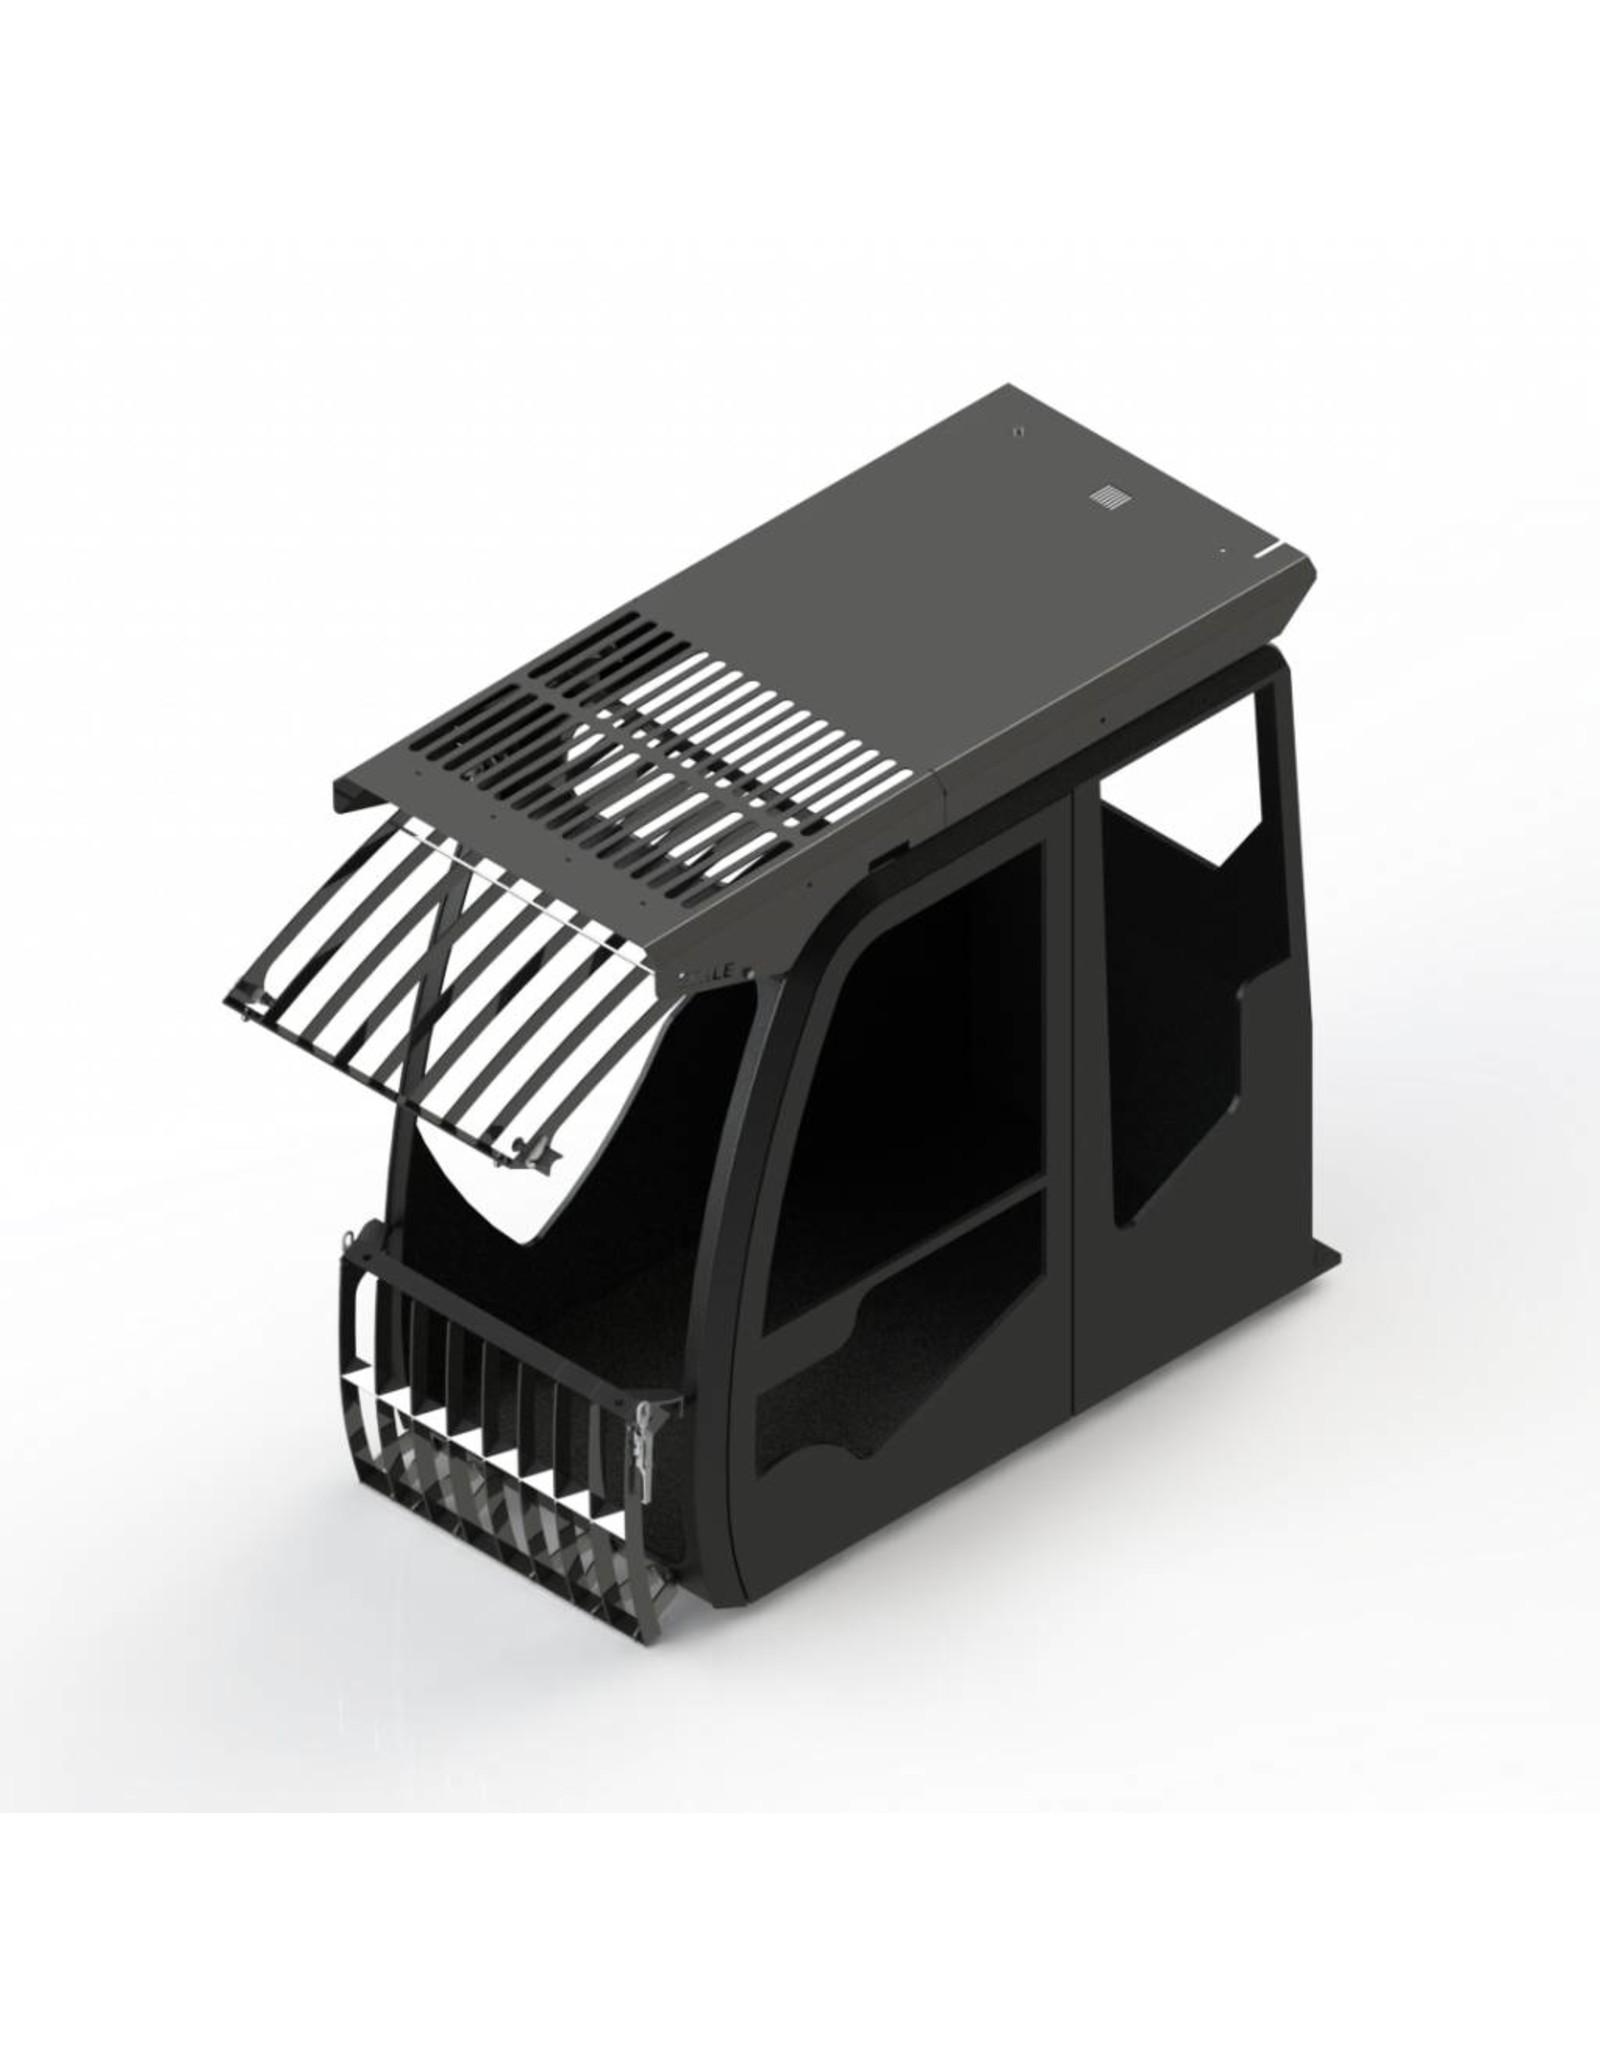 Echle Hartstahl GmbH FOPS pour Liebherr A 914 Compact